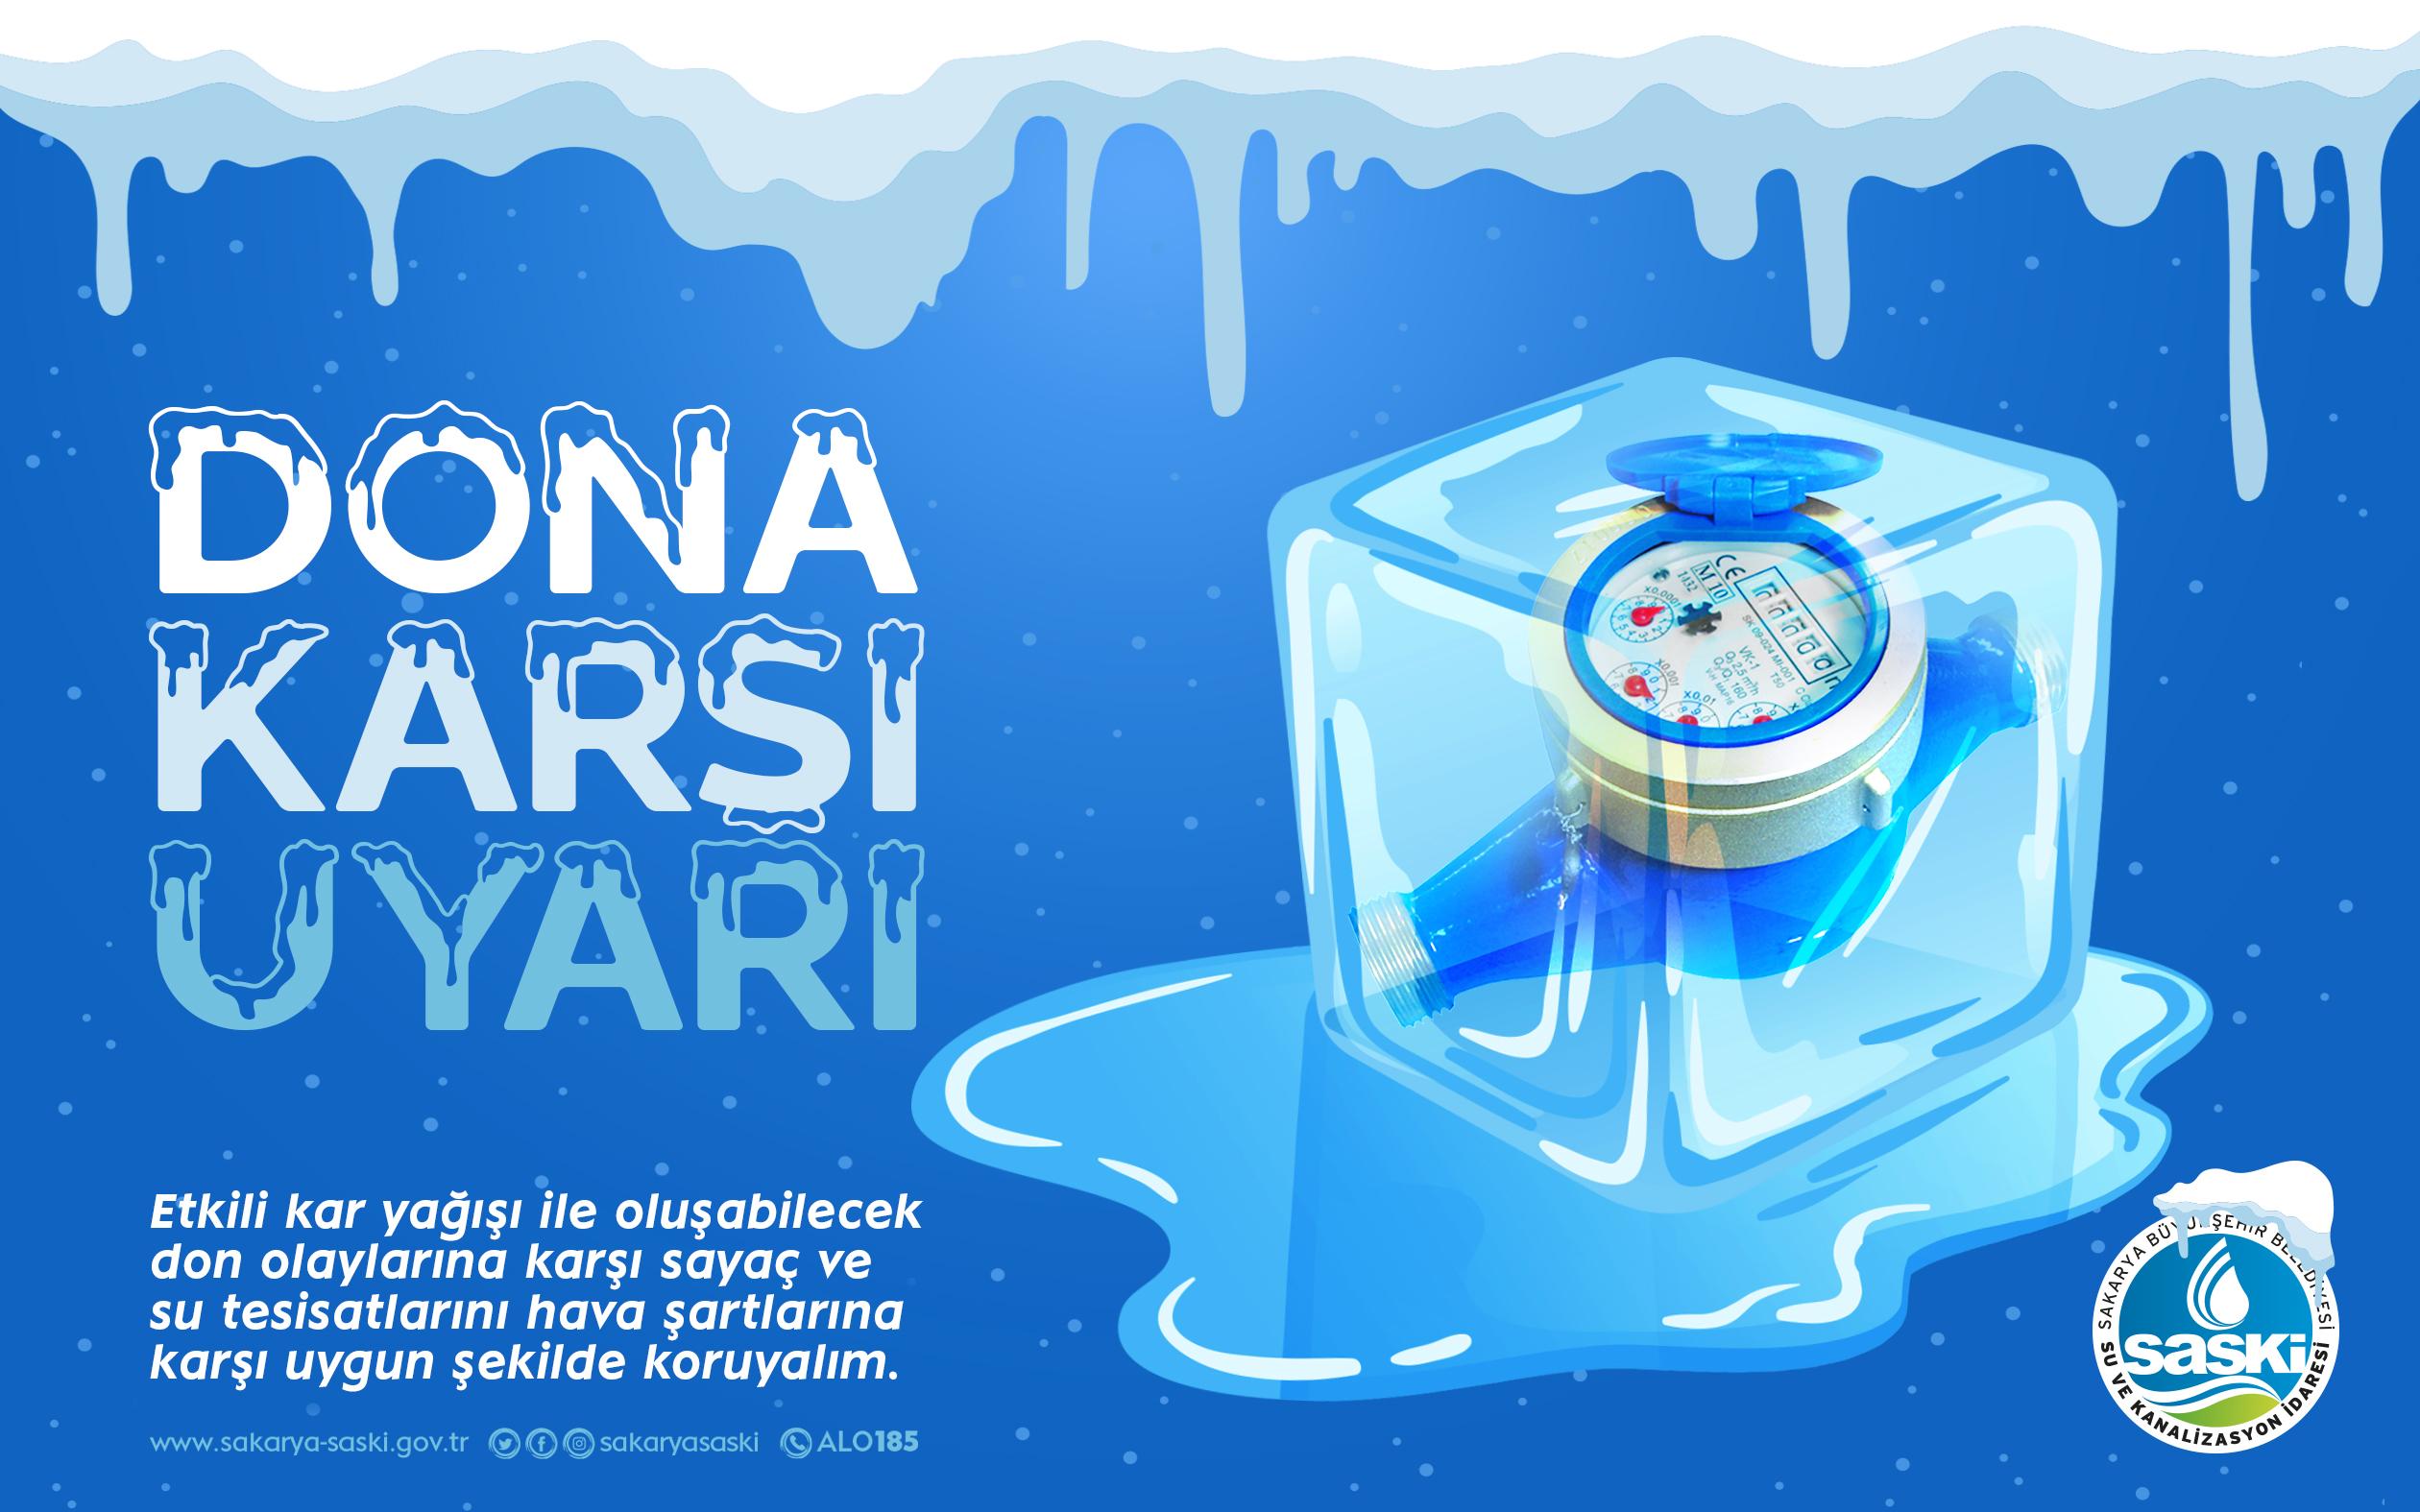 SASKİ'den don uyarısı